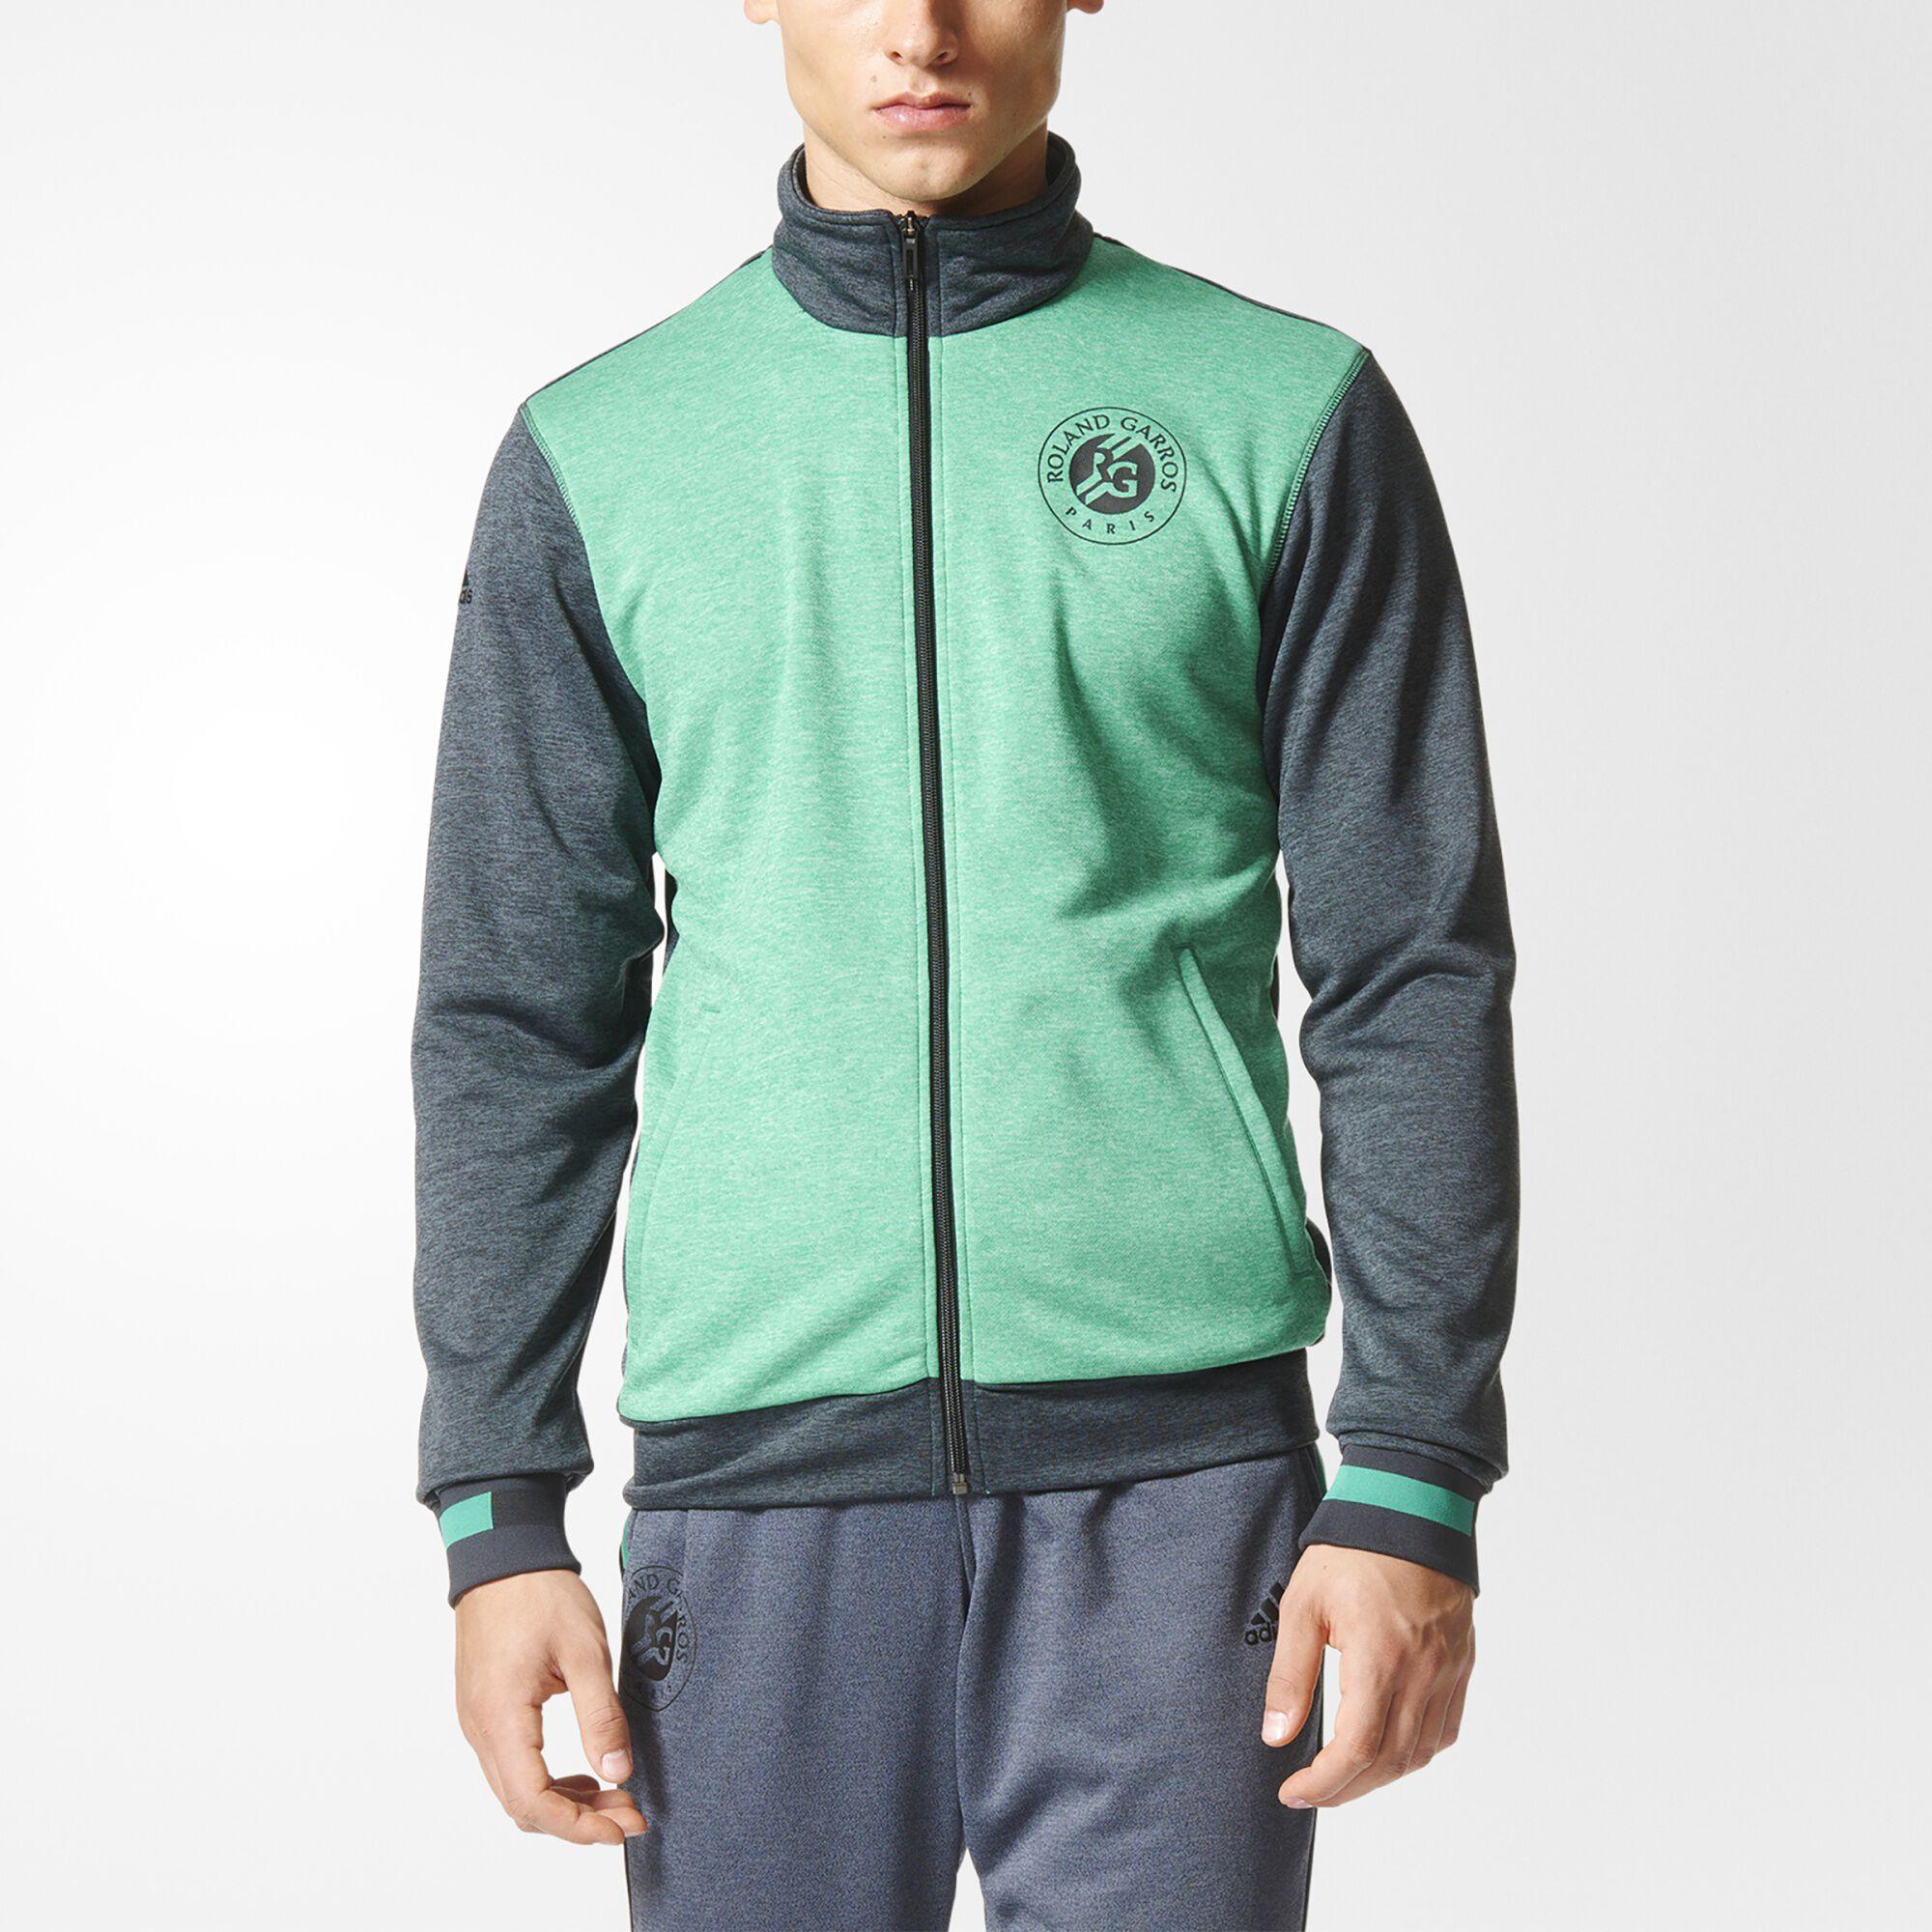 Adidas black and green jacket